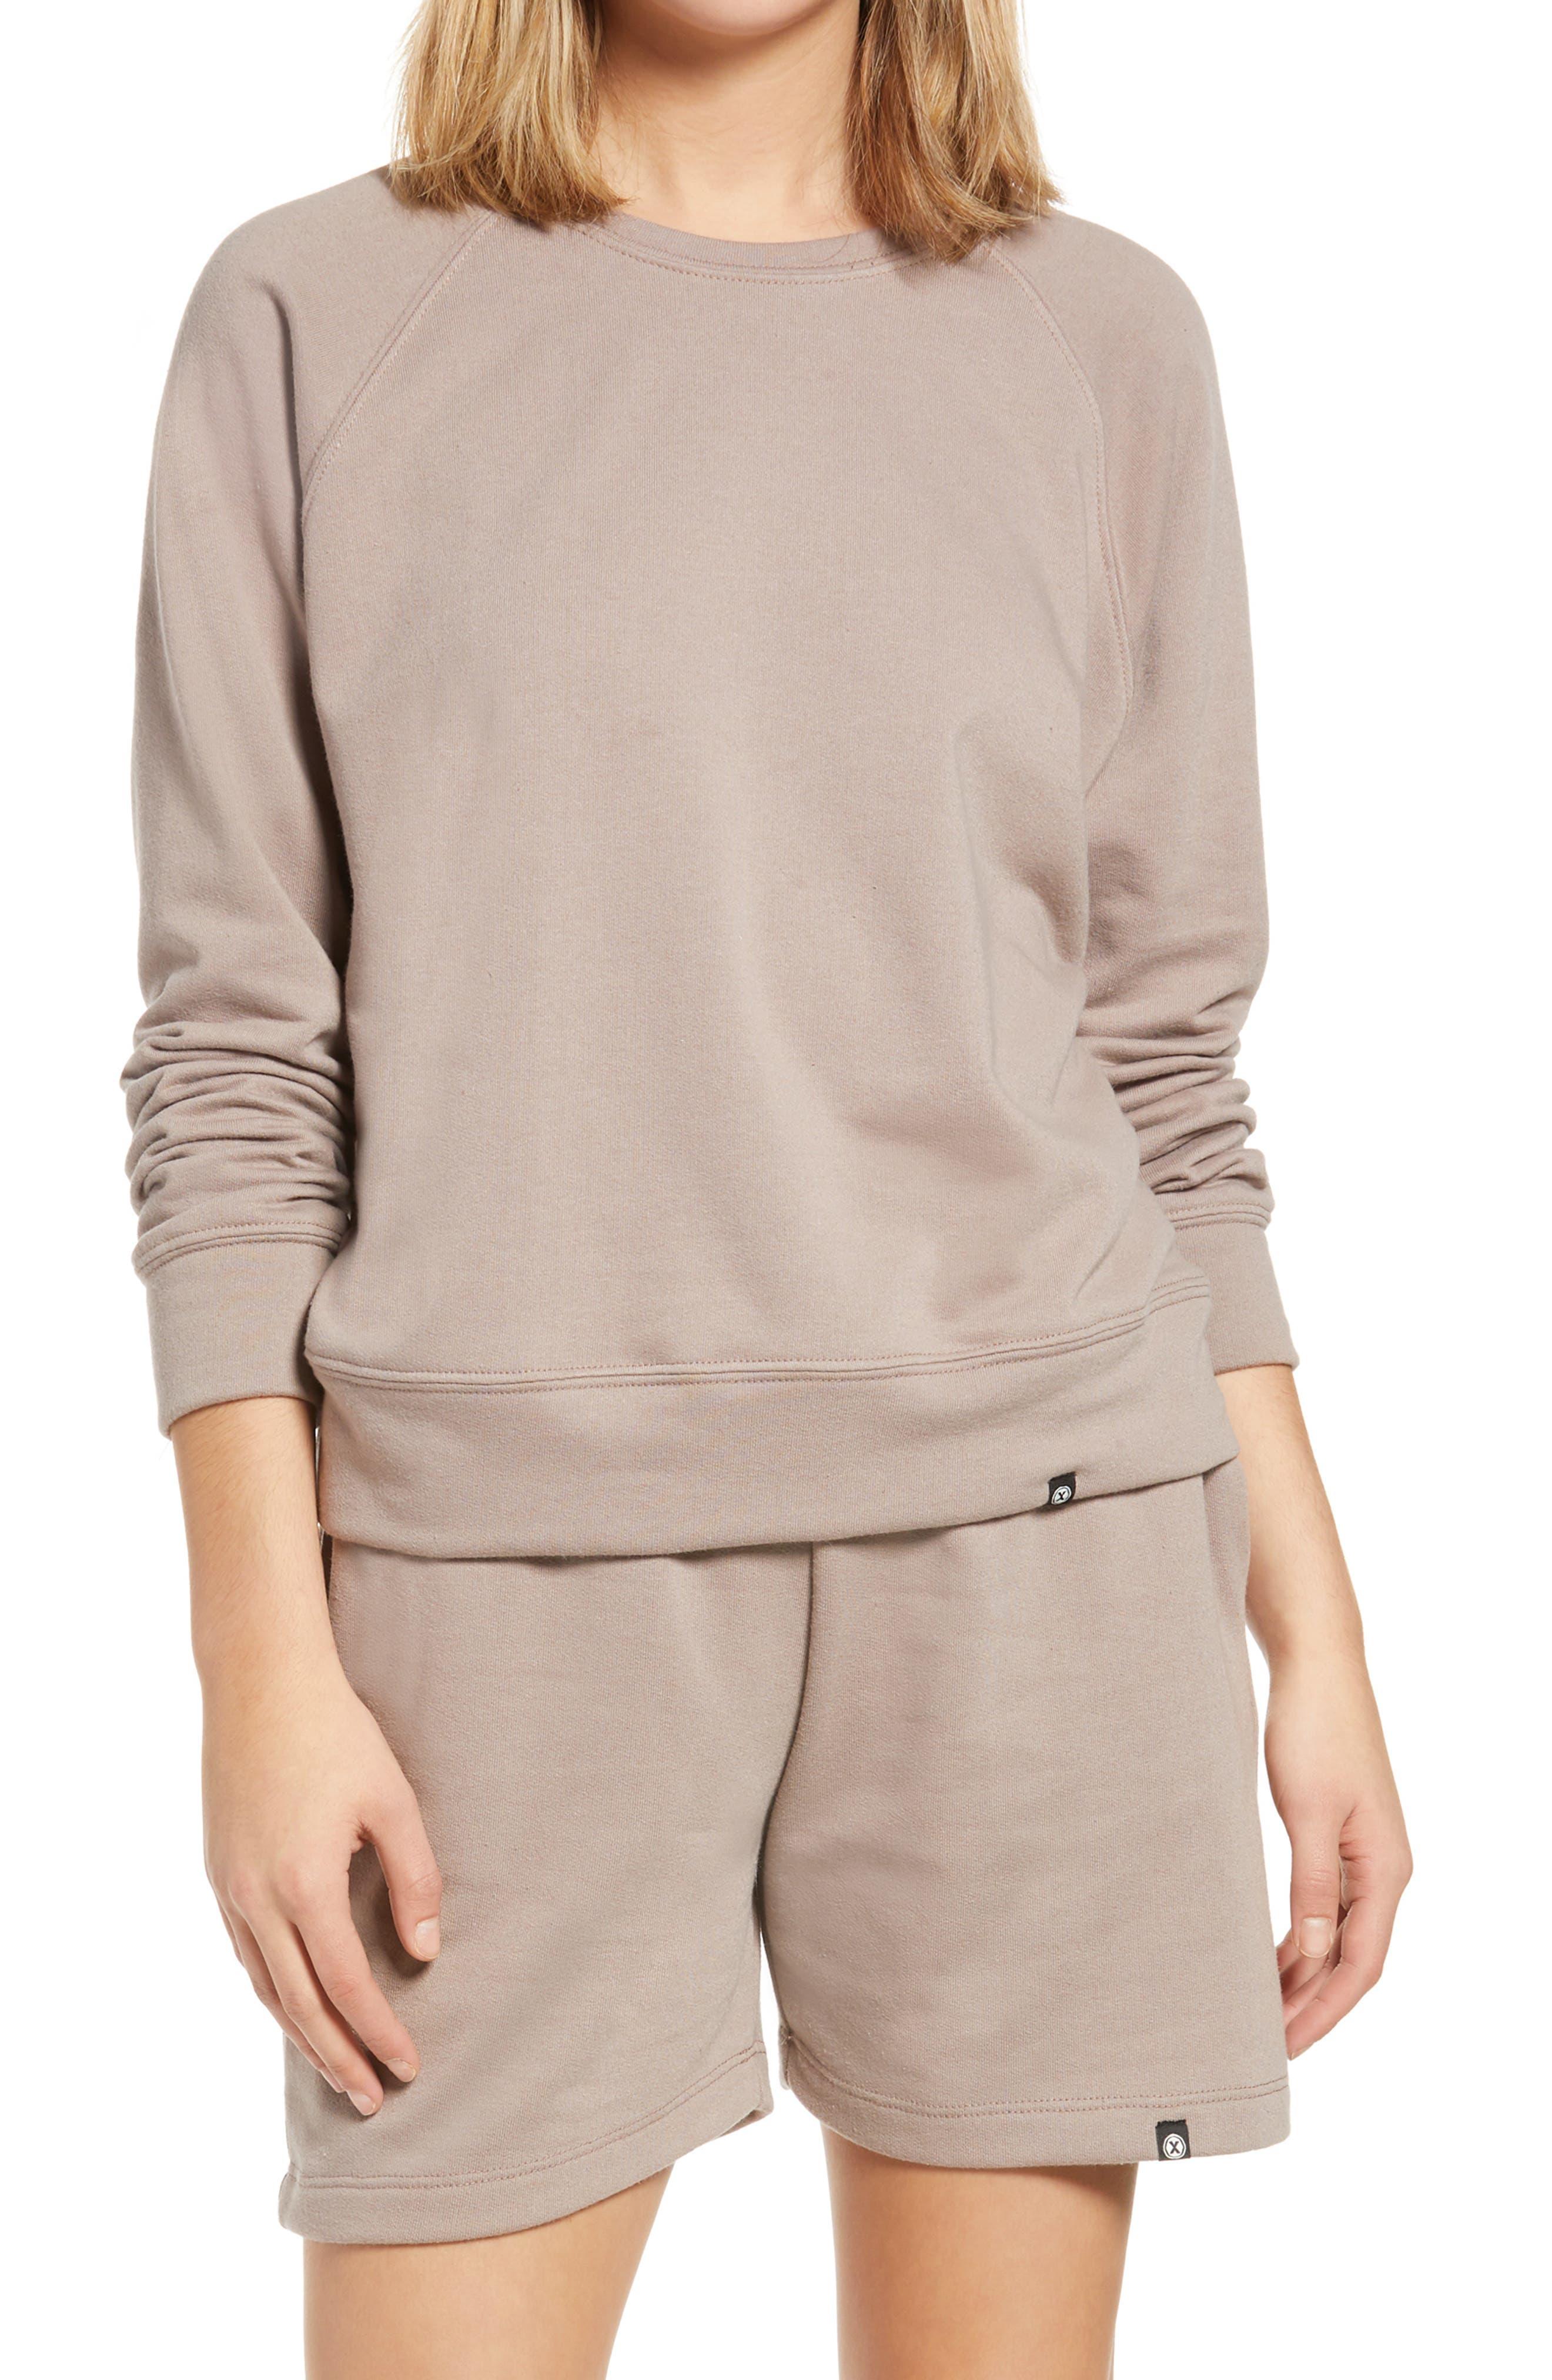 Cozy Raglan Sleeve Sweatshirt